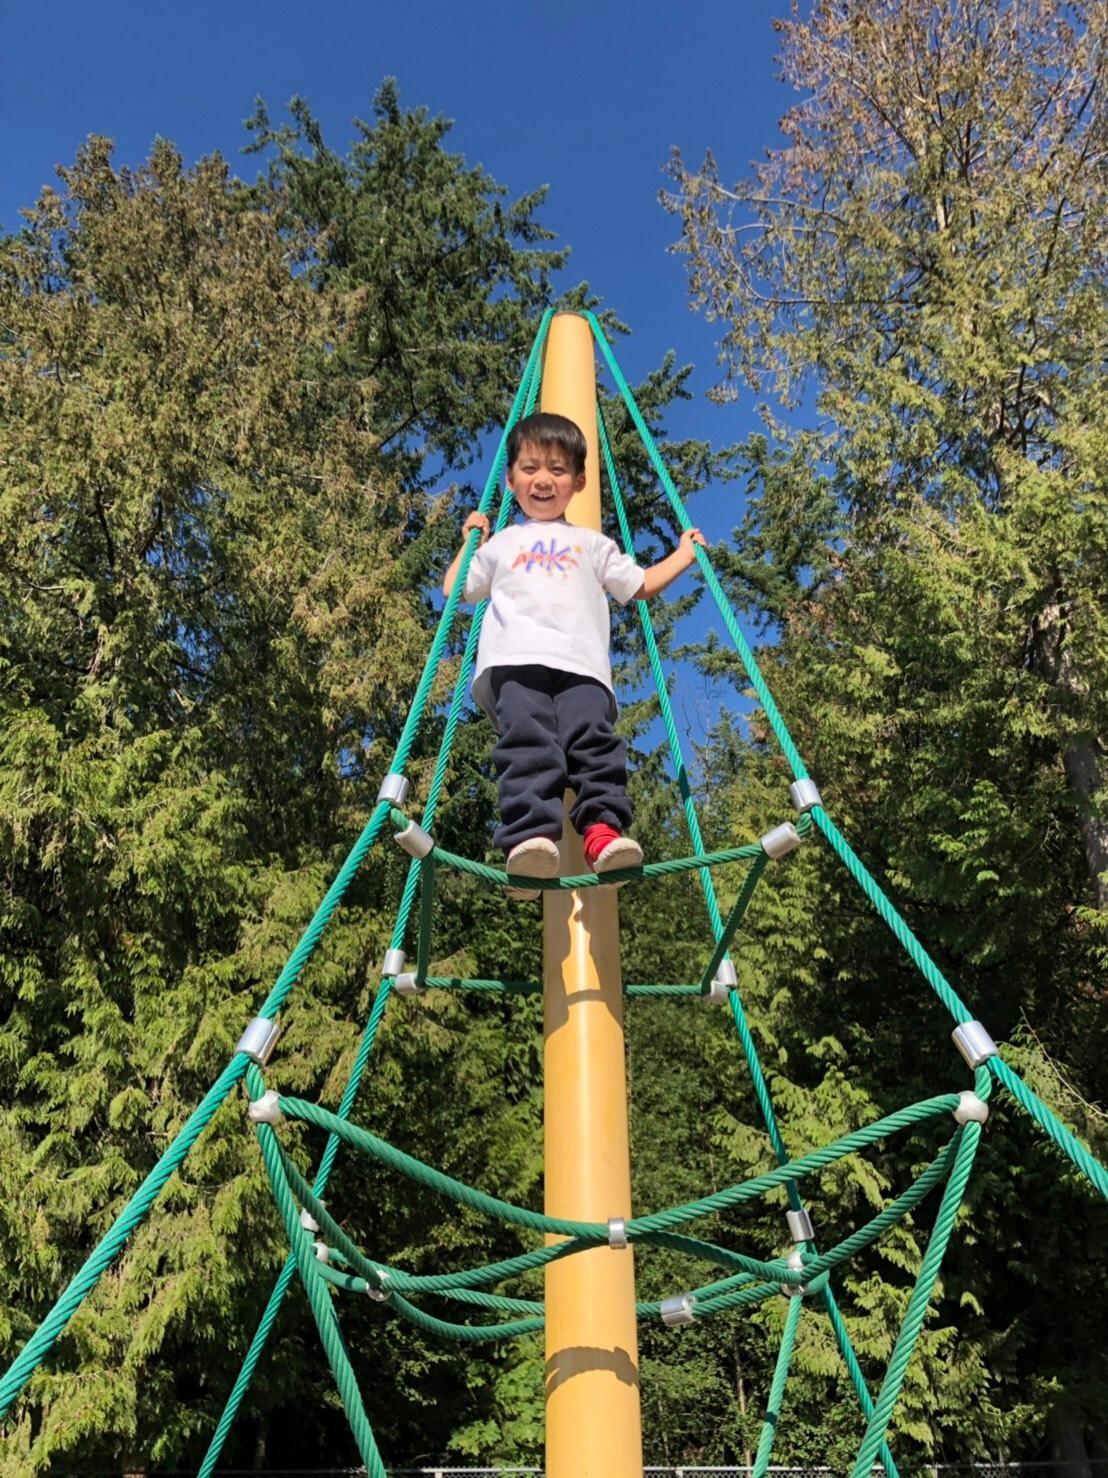 ▲兒子玩攀爬器材突然一下可以爬得很高,讓李培禎印象深刻。